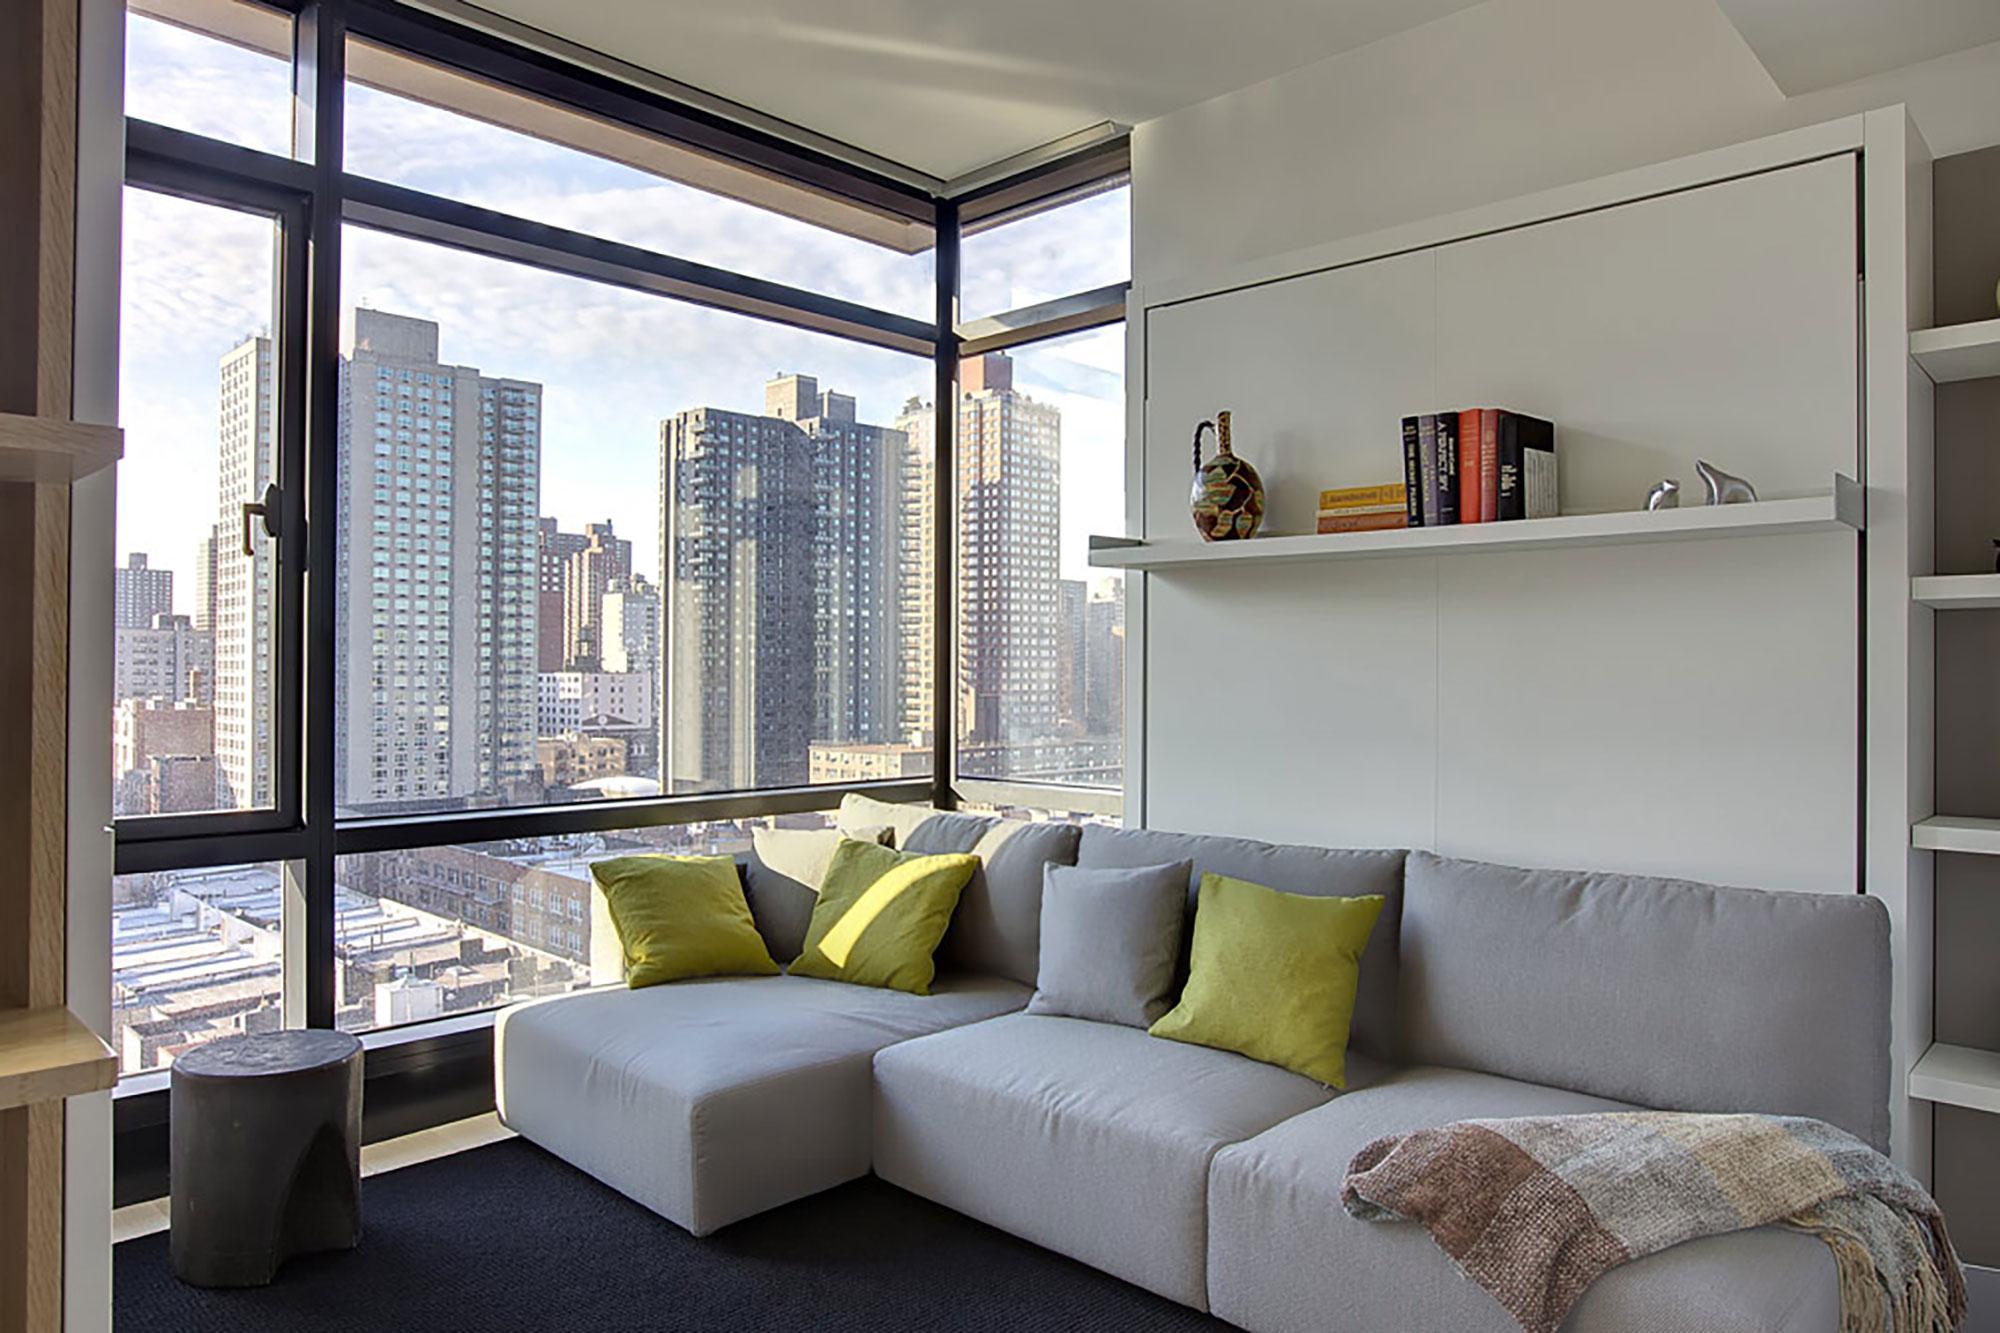 Abitazione privata new york d 39 amico design for D amico arredamenti casoli